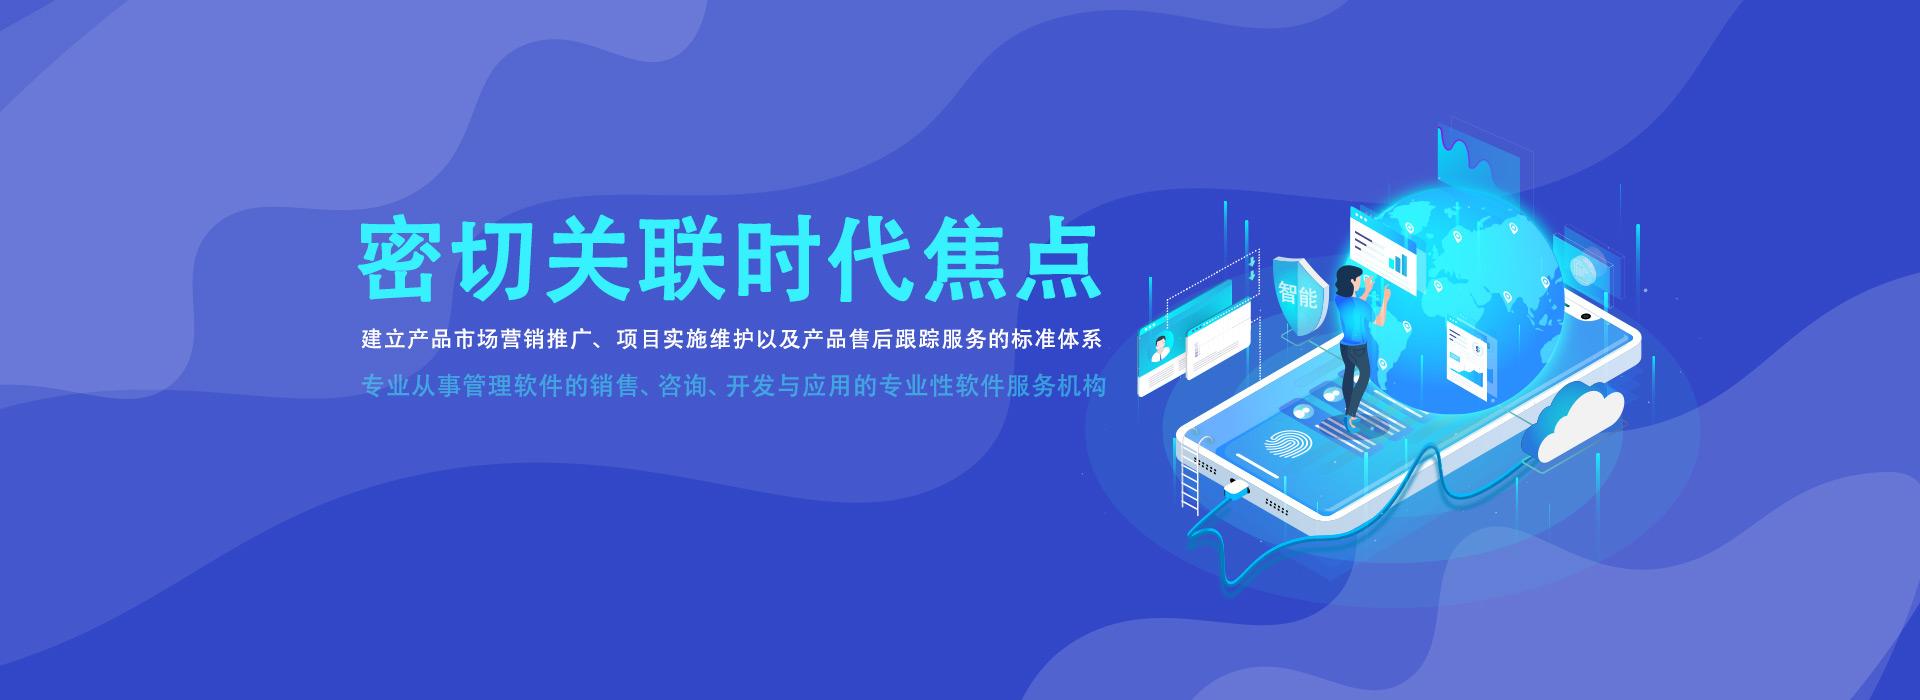 連云港會計軟件